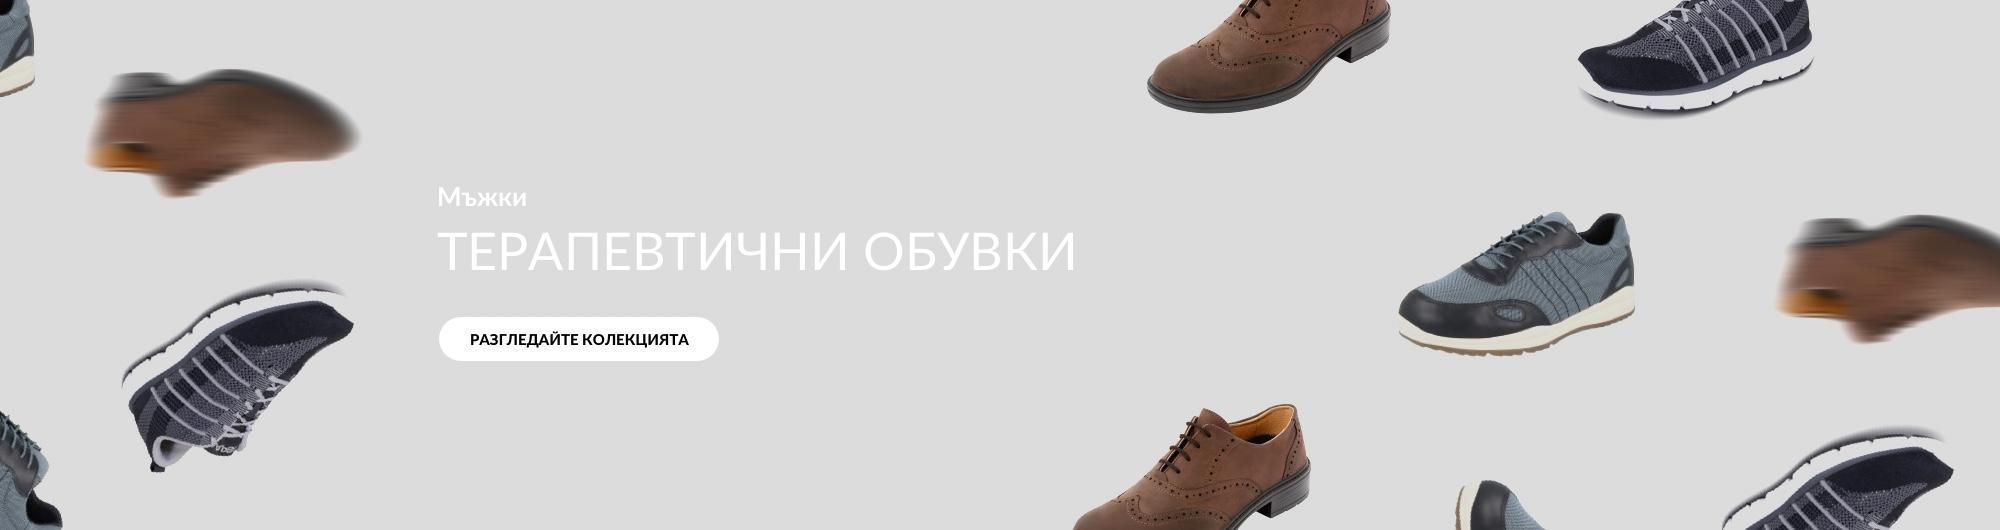 мъжки терапевтични обувки